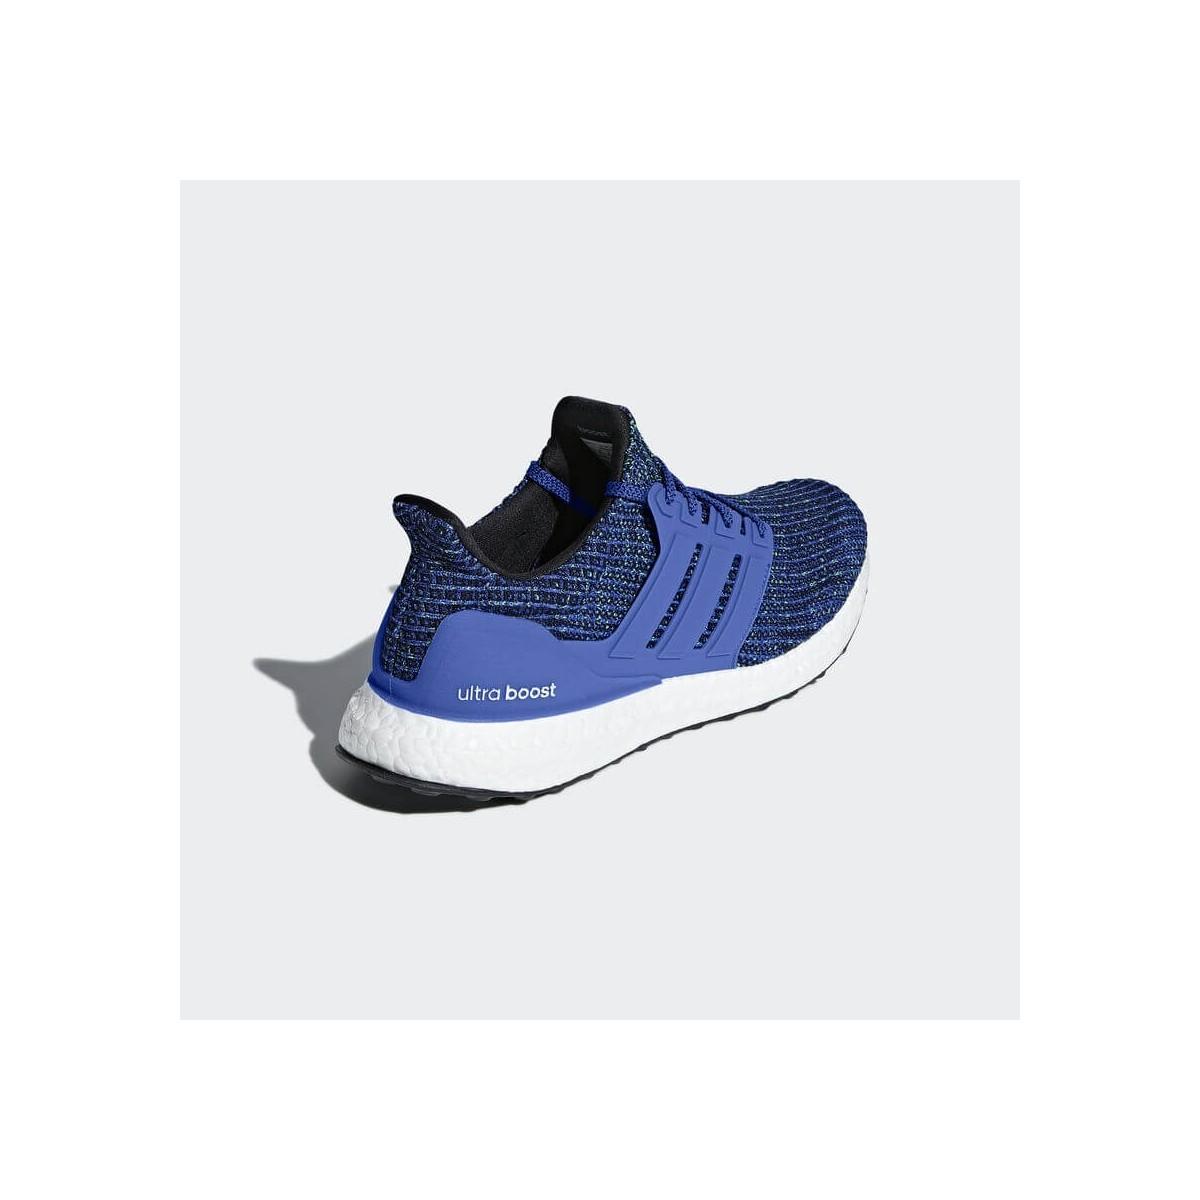 a735ef75b ... Zapatillas Adidas Ultra Boost Azul Hombre OI18 ...